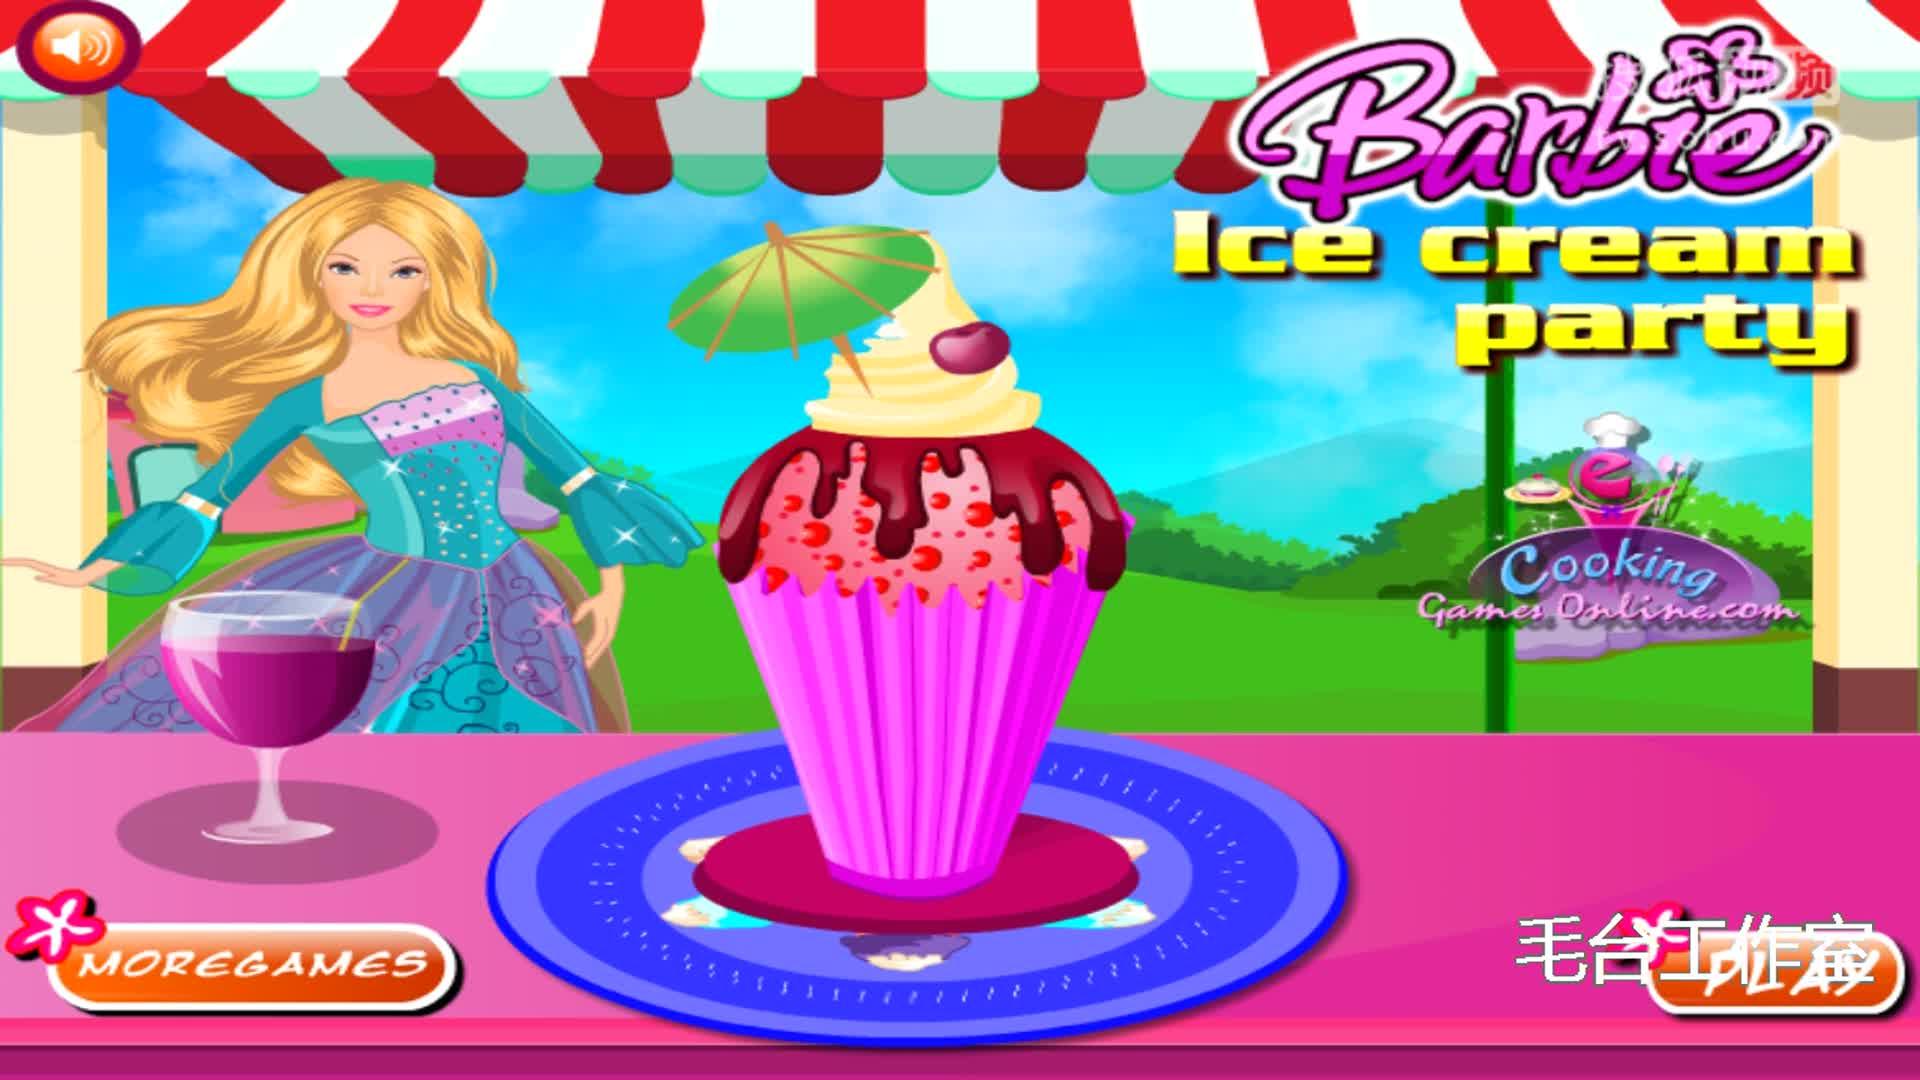 芭比的冰淇淋 芭比娃娃换装 制作草莓蛋糕 我爱做蛋糕 可爱宝贝.